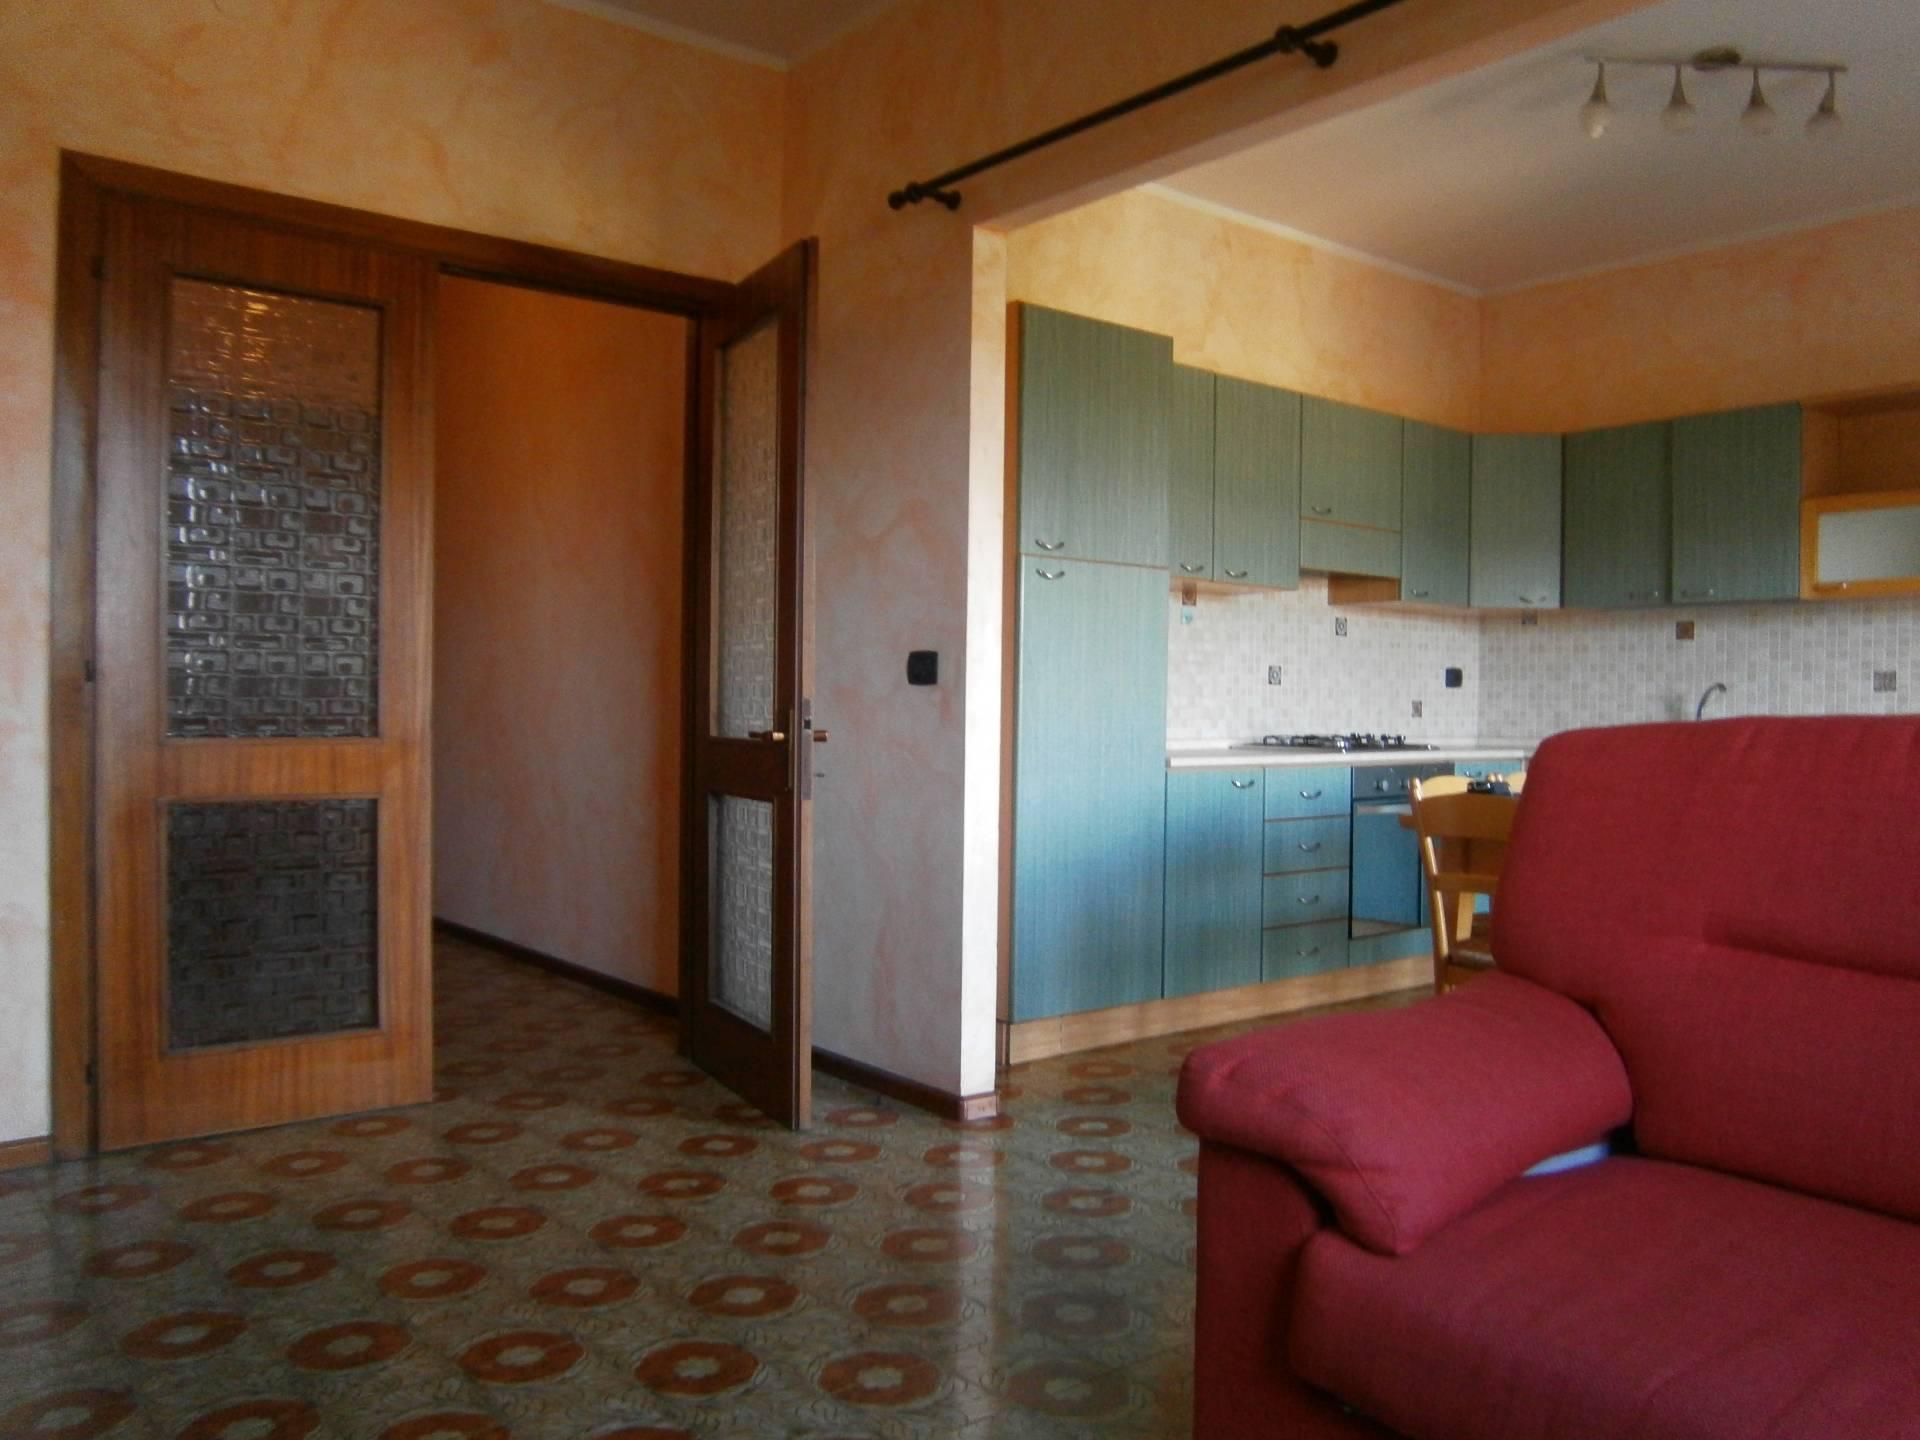 Appartamento in affitto a Cagliari, 4 locali, zona Zona: Genneruxi, prezzo € 650 | Cambio Casa.it